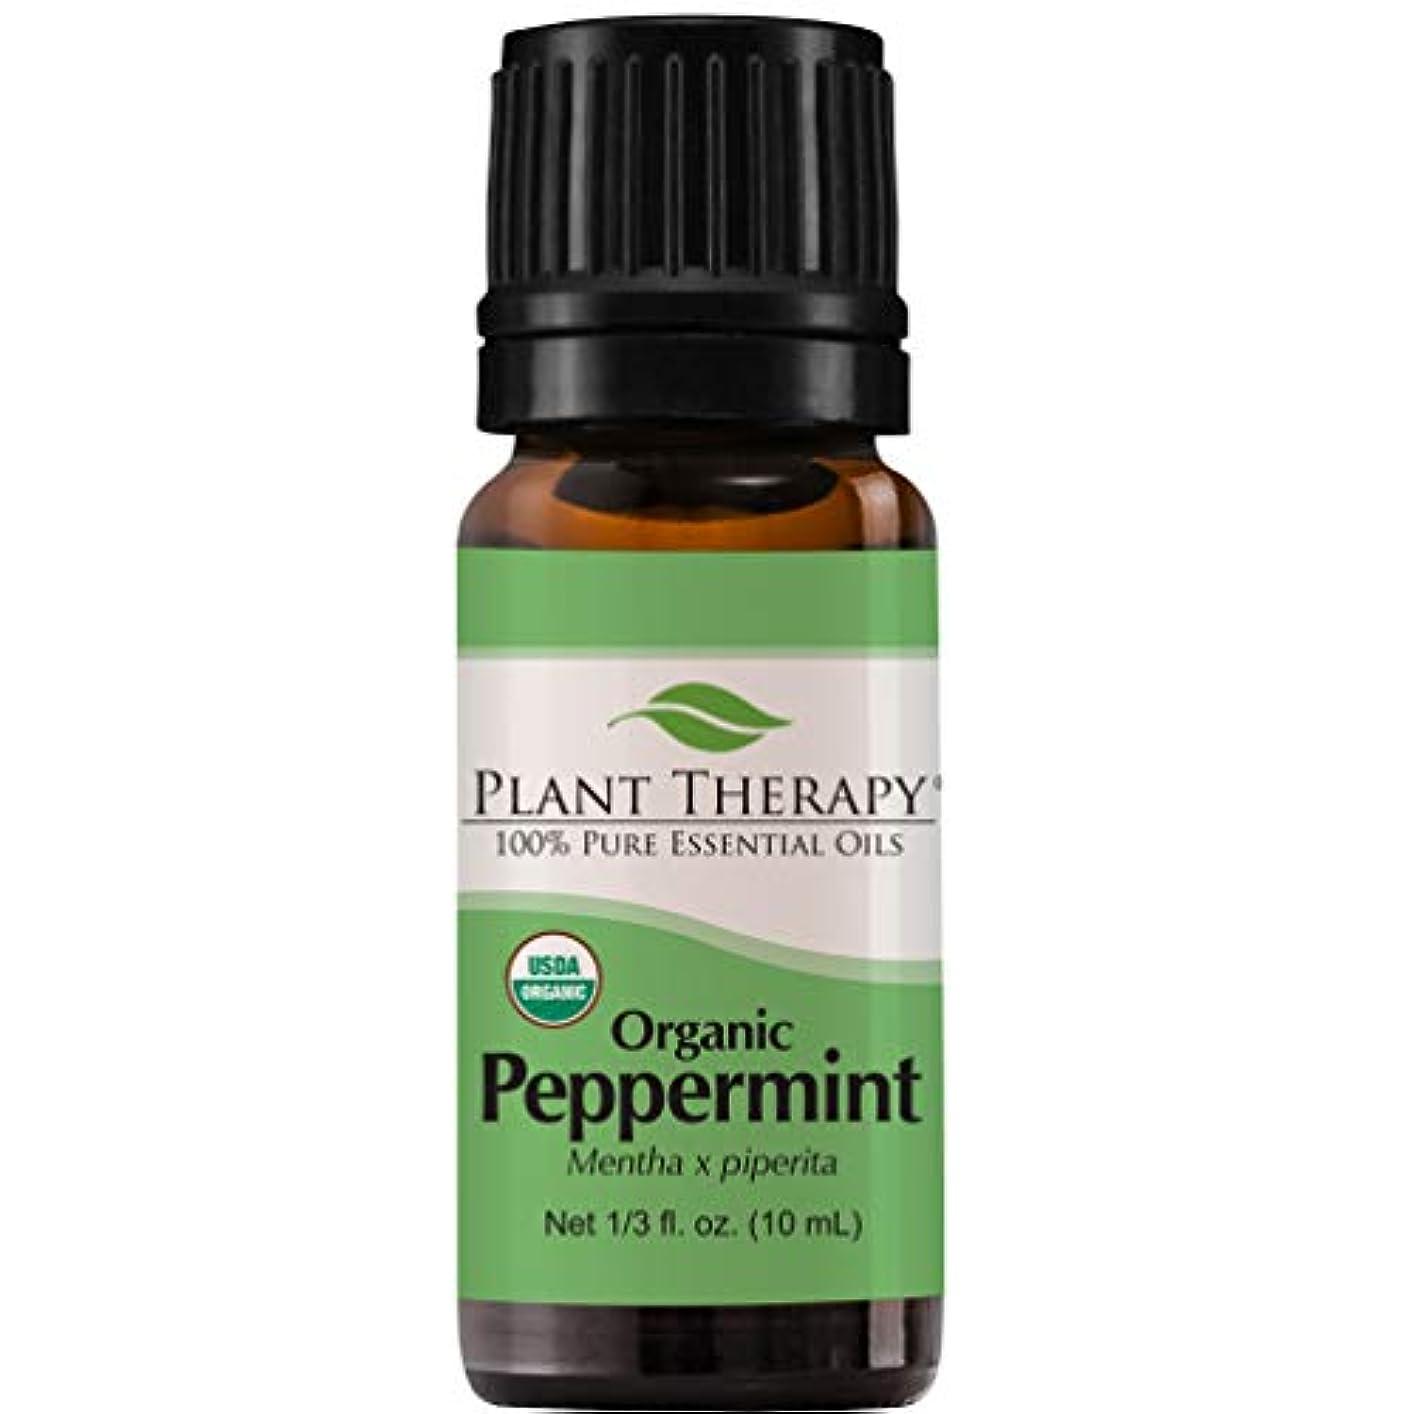 労働証明書モネPlant Therapy Essential Oils (プラントセラピー エッセンシャルオイル) オーガニック ペパーミント エッセンシャルオイル